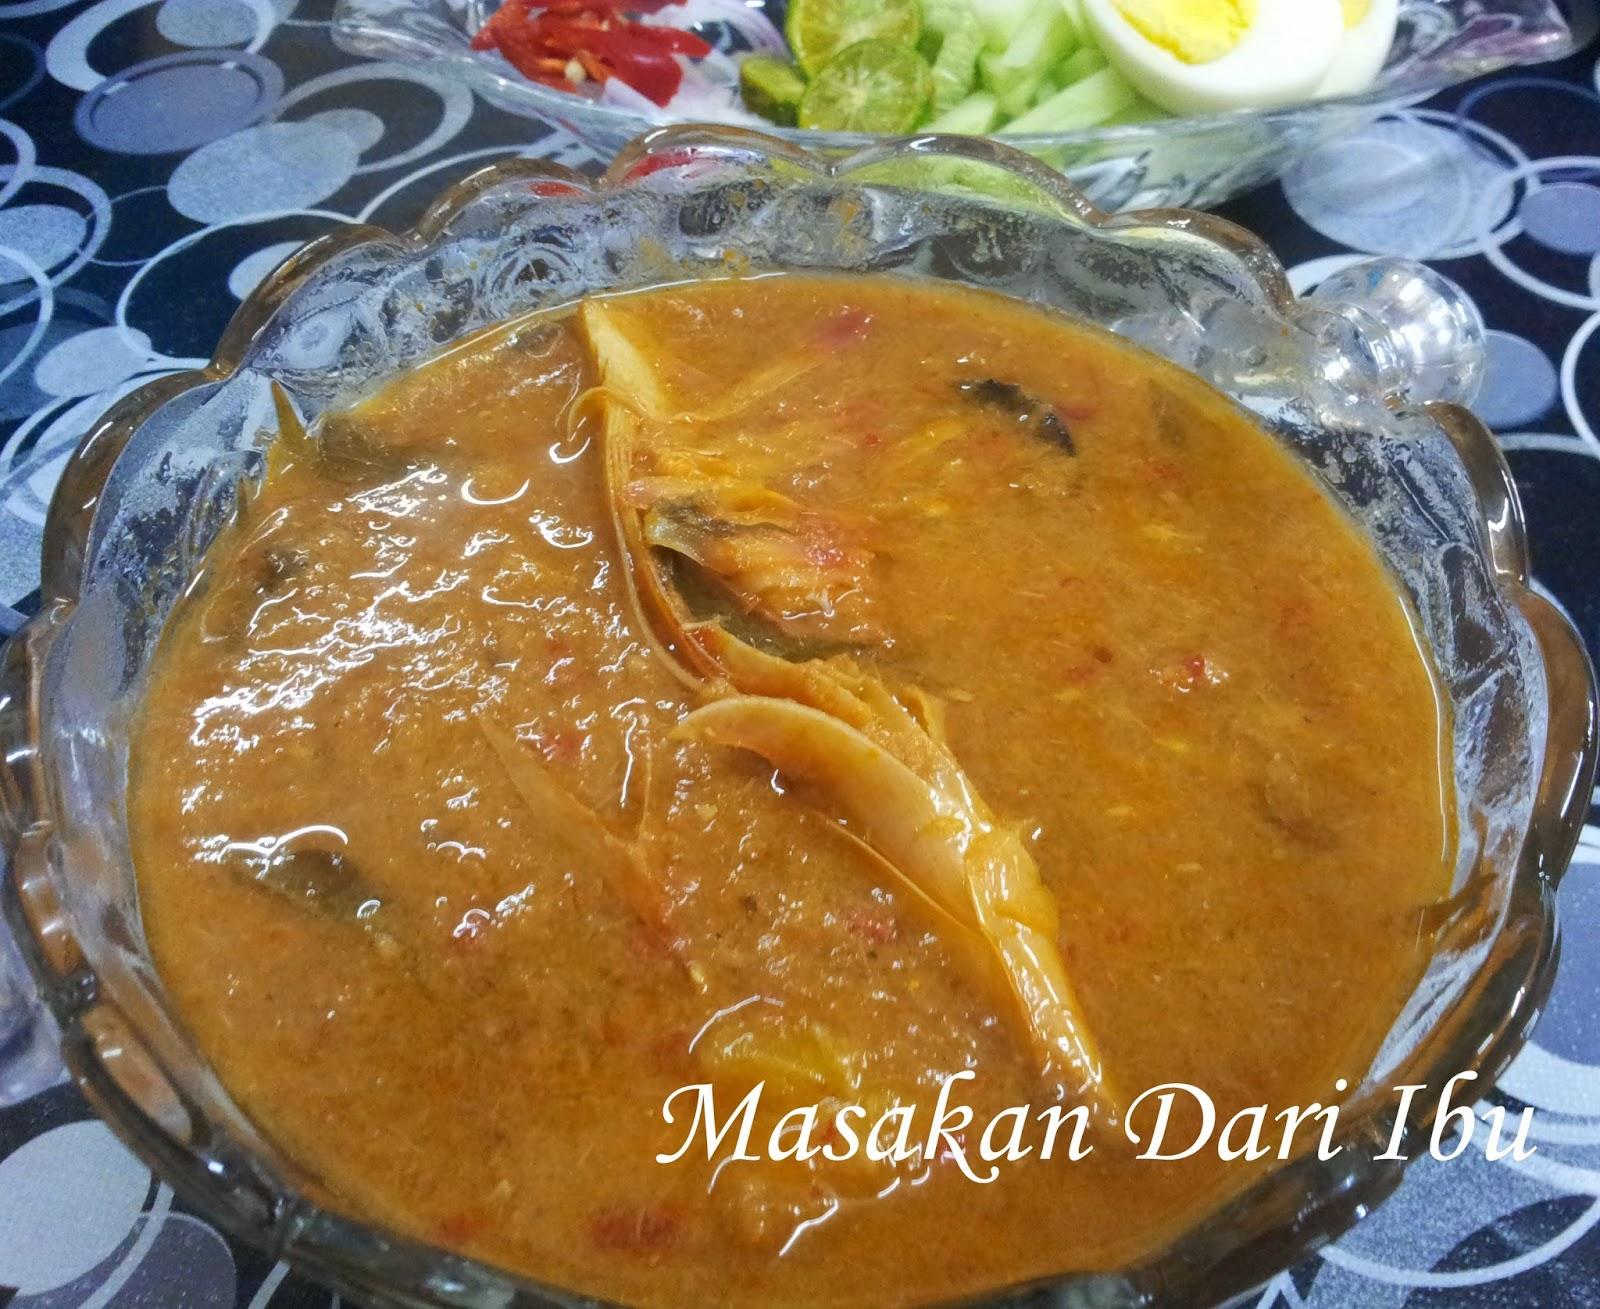 Masakan Dari Ibu: Laksa Ikan Sardin